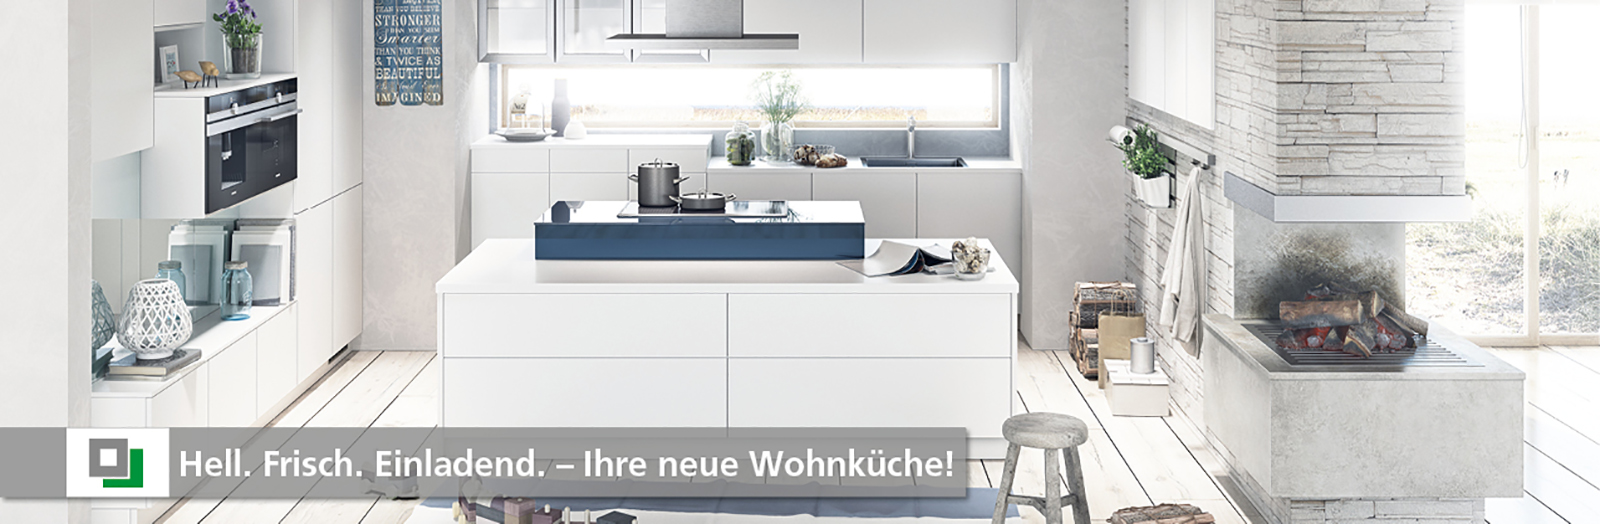 Ihre neue Wohnküche: hell, frisch und einladend - Küche und Raum - Ihr Küchenfachgeschäft in 82152 Planegg und 85072 Eichstätt